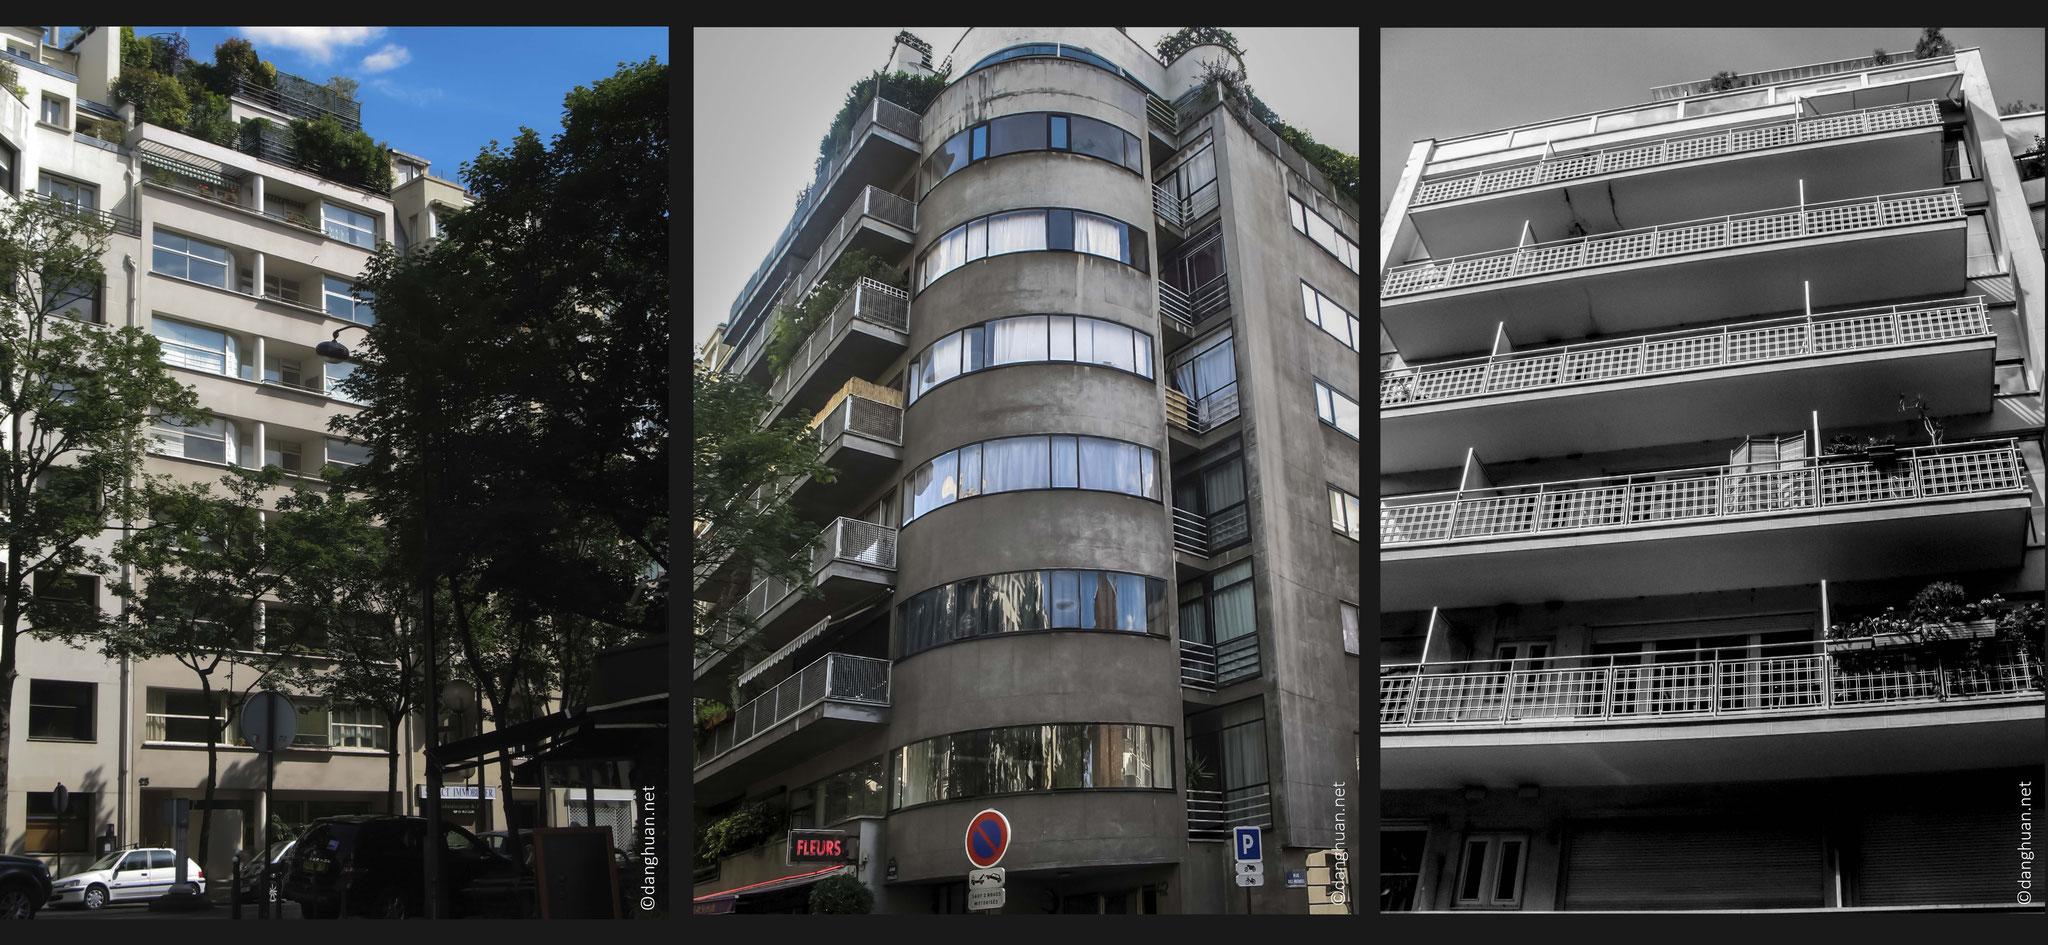 Architecte : J.Ginsberg - immeubles au 25 Av de versailles (1931), 42 Av de versailles (1934),  1936